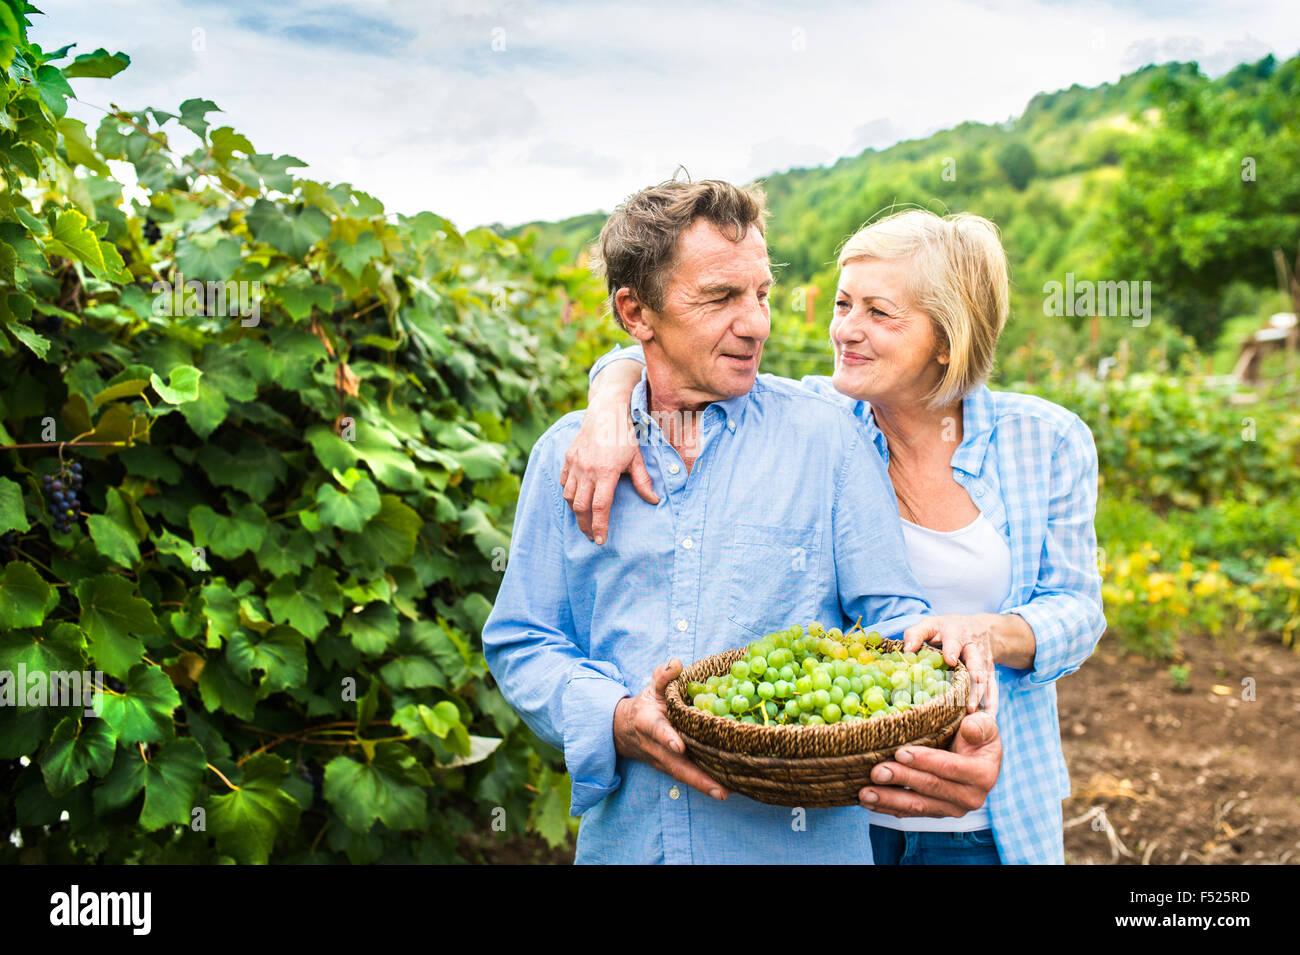 Par cosechando uvas Imagen De Stock